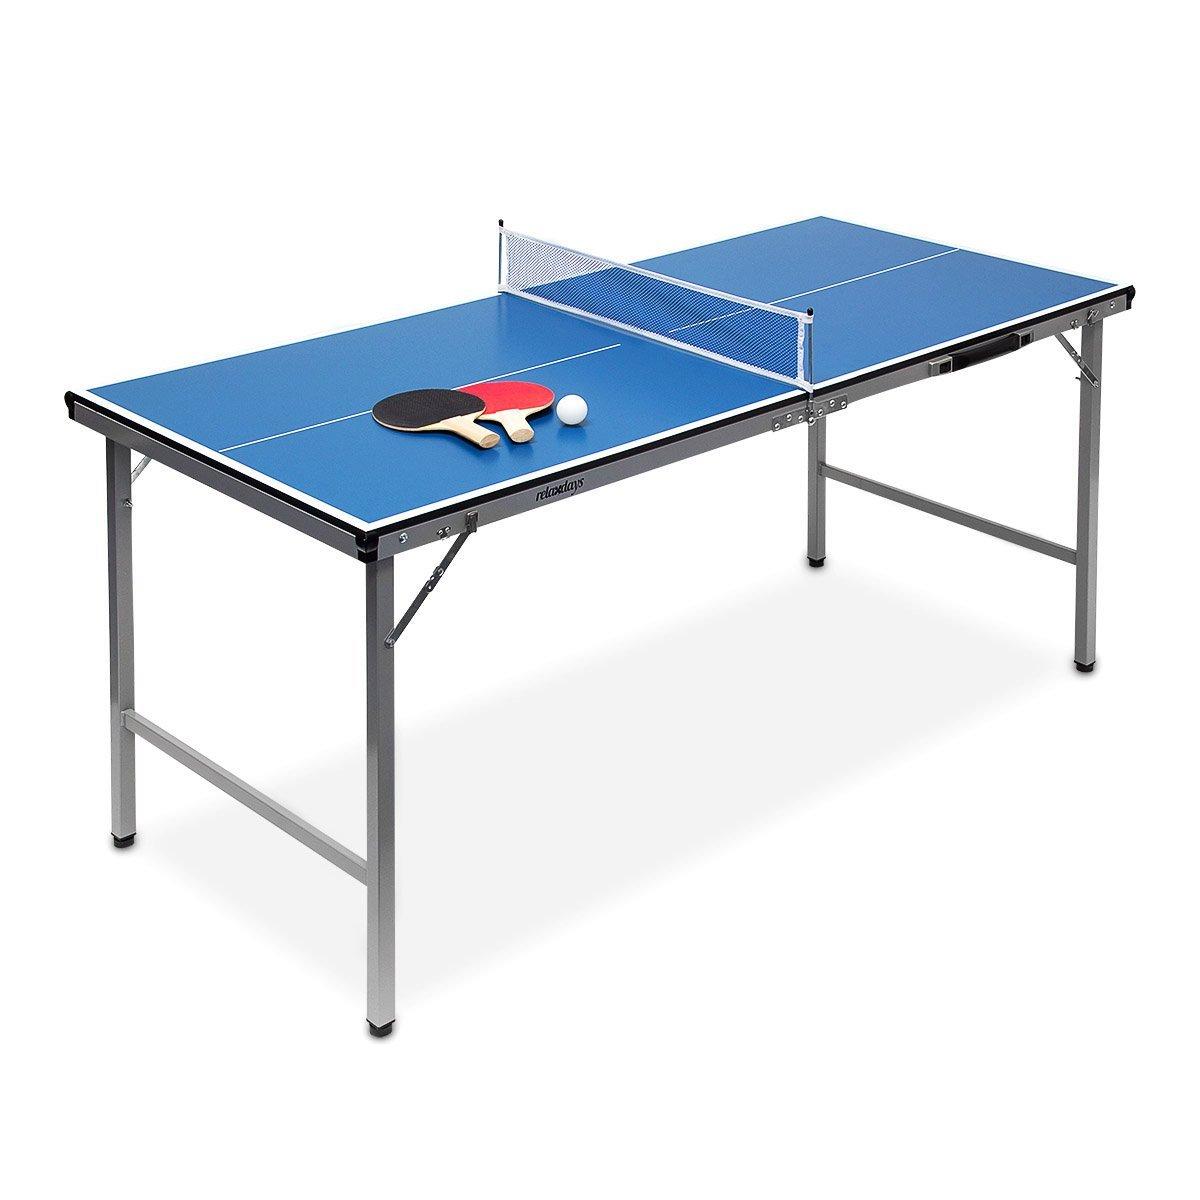 Relaxdays Mesa Ping Pong Exterior Plegable con Red, Pelotas y Raquetas, Madera-Metal, Azul, 71 x 67 x 150 cm: Amazon.es: Deportes y aire libre